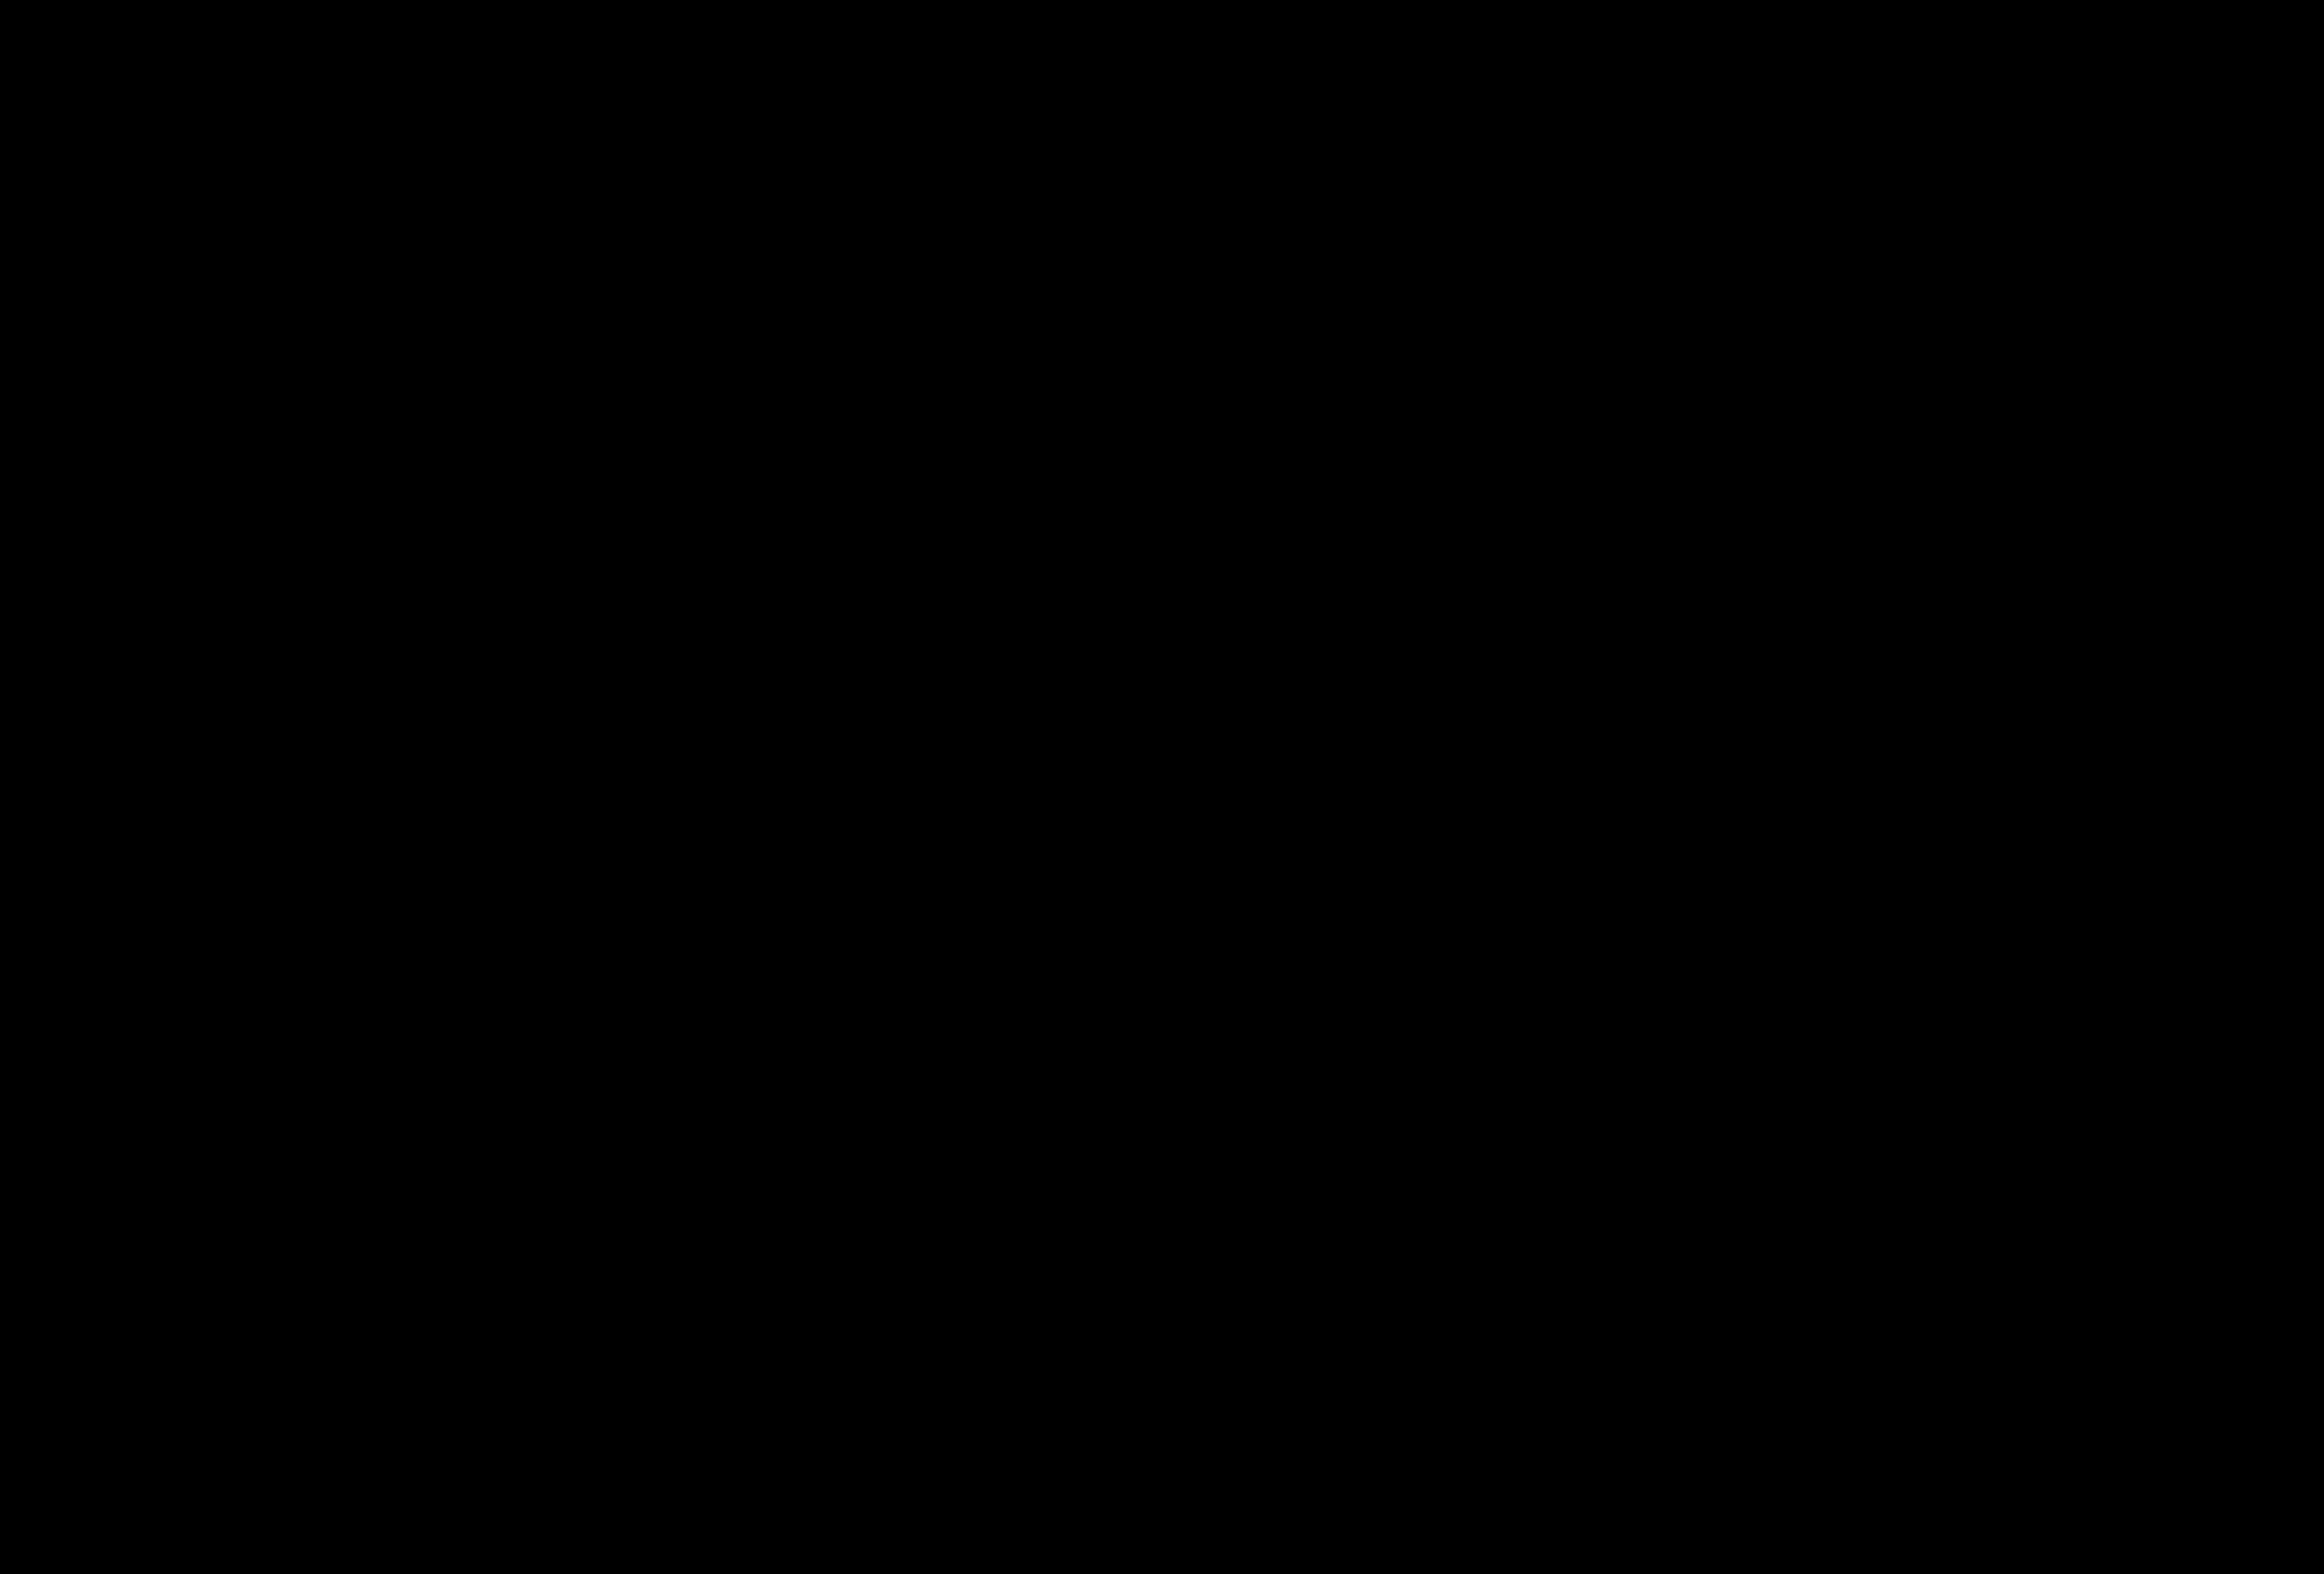 数据猿发布产业全景图:2020中国数据智能产业图谱1.0版